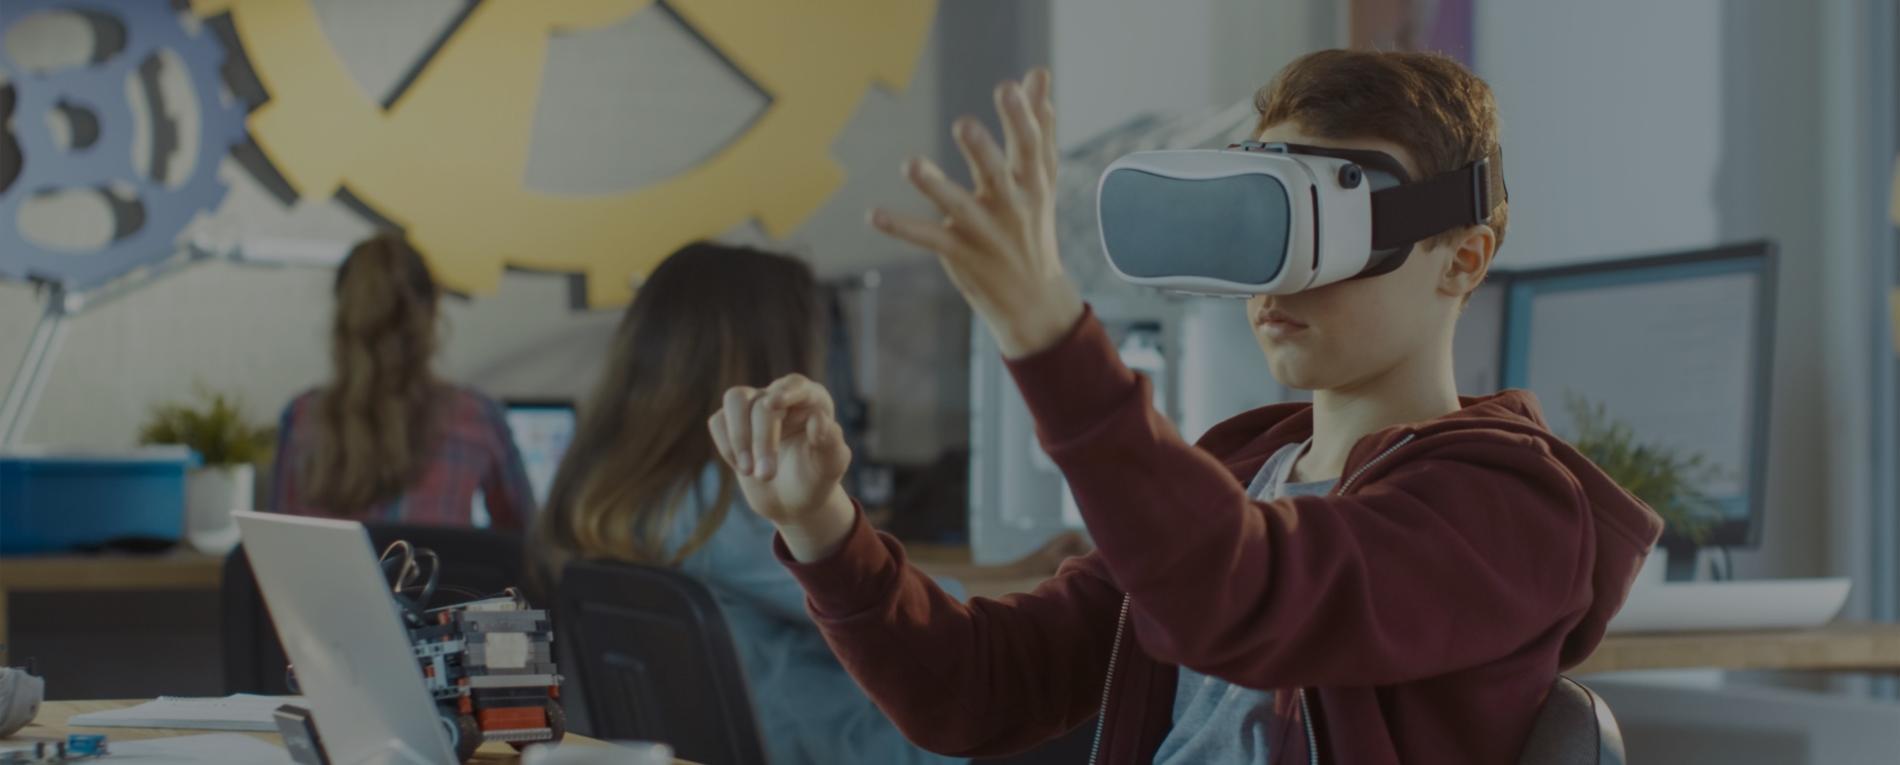 Niño en clase probando la realidad virtual